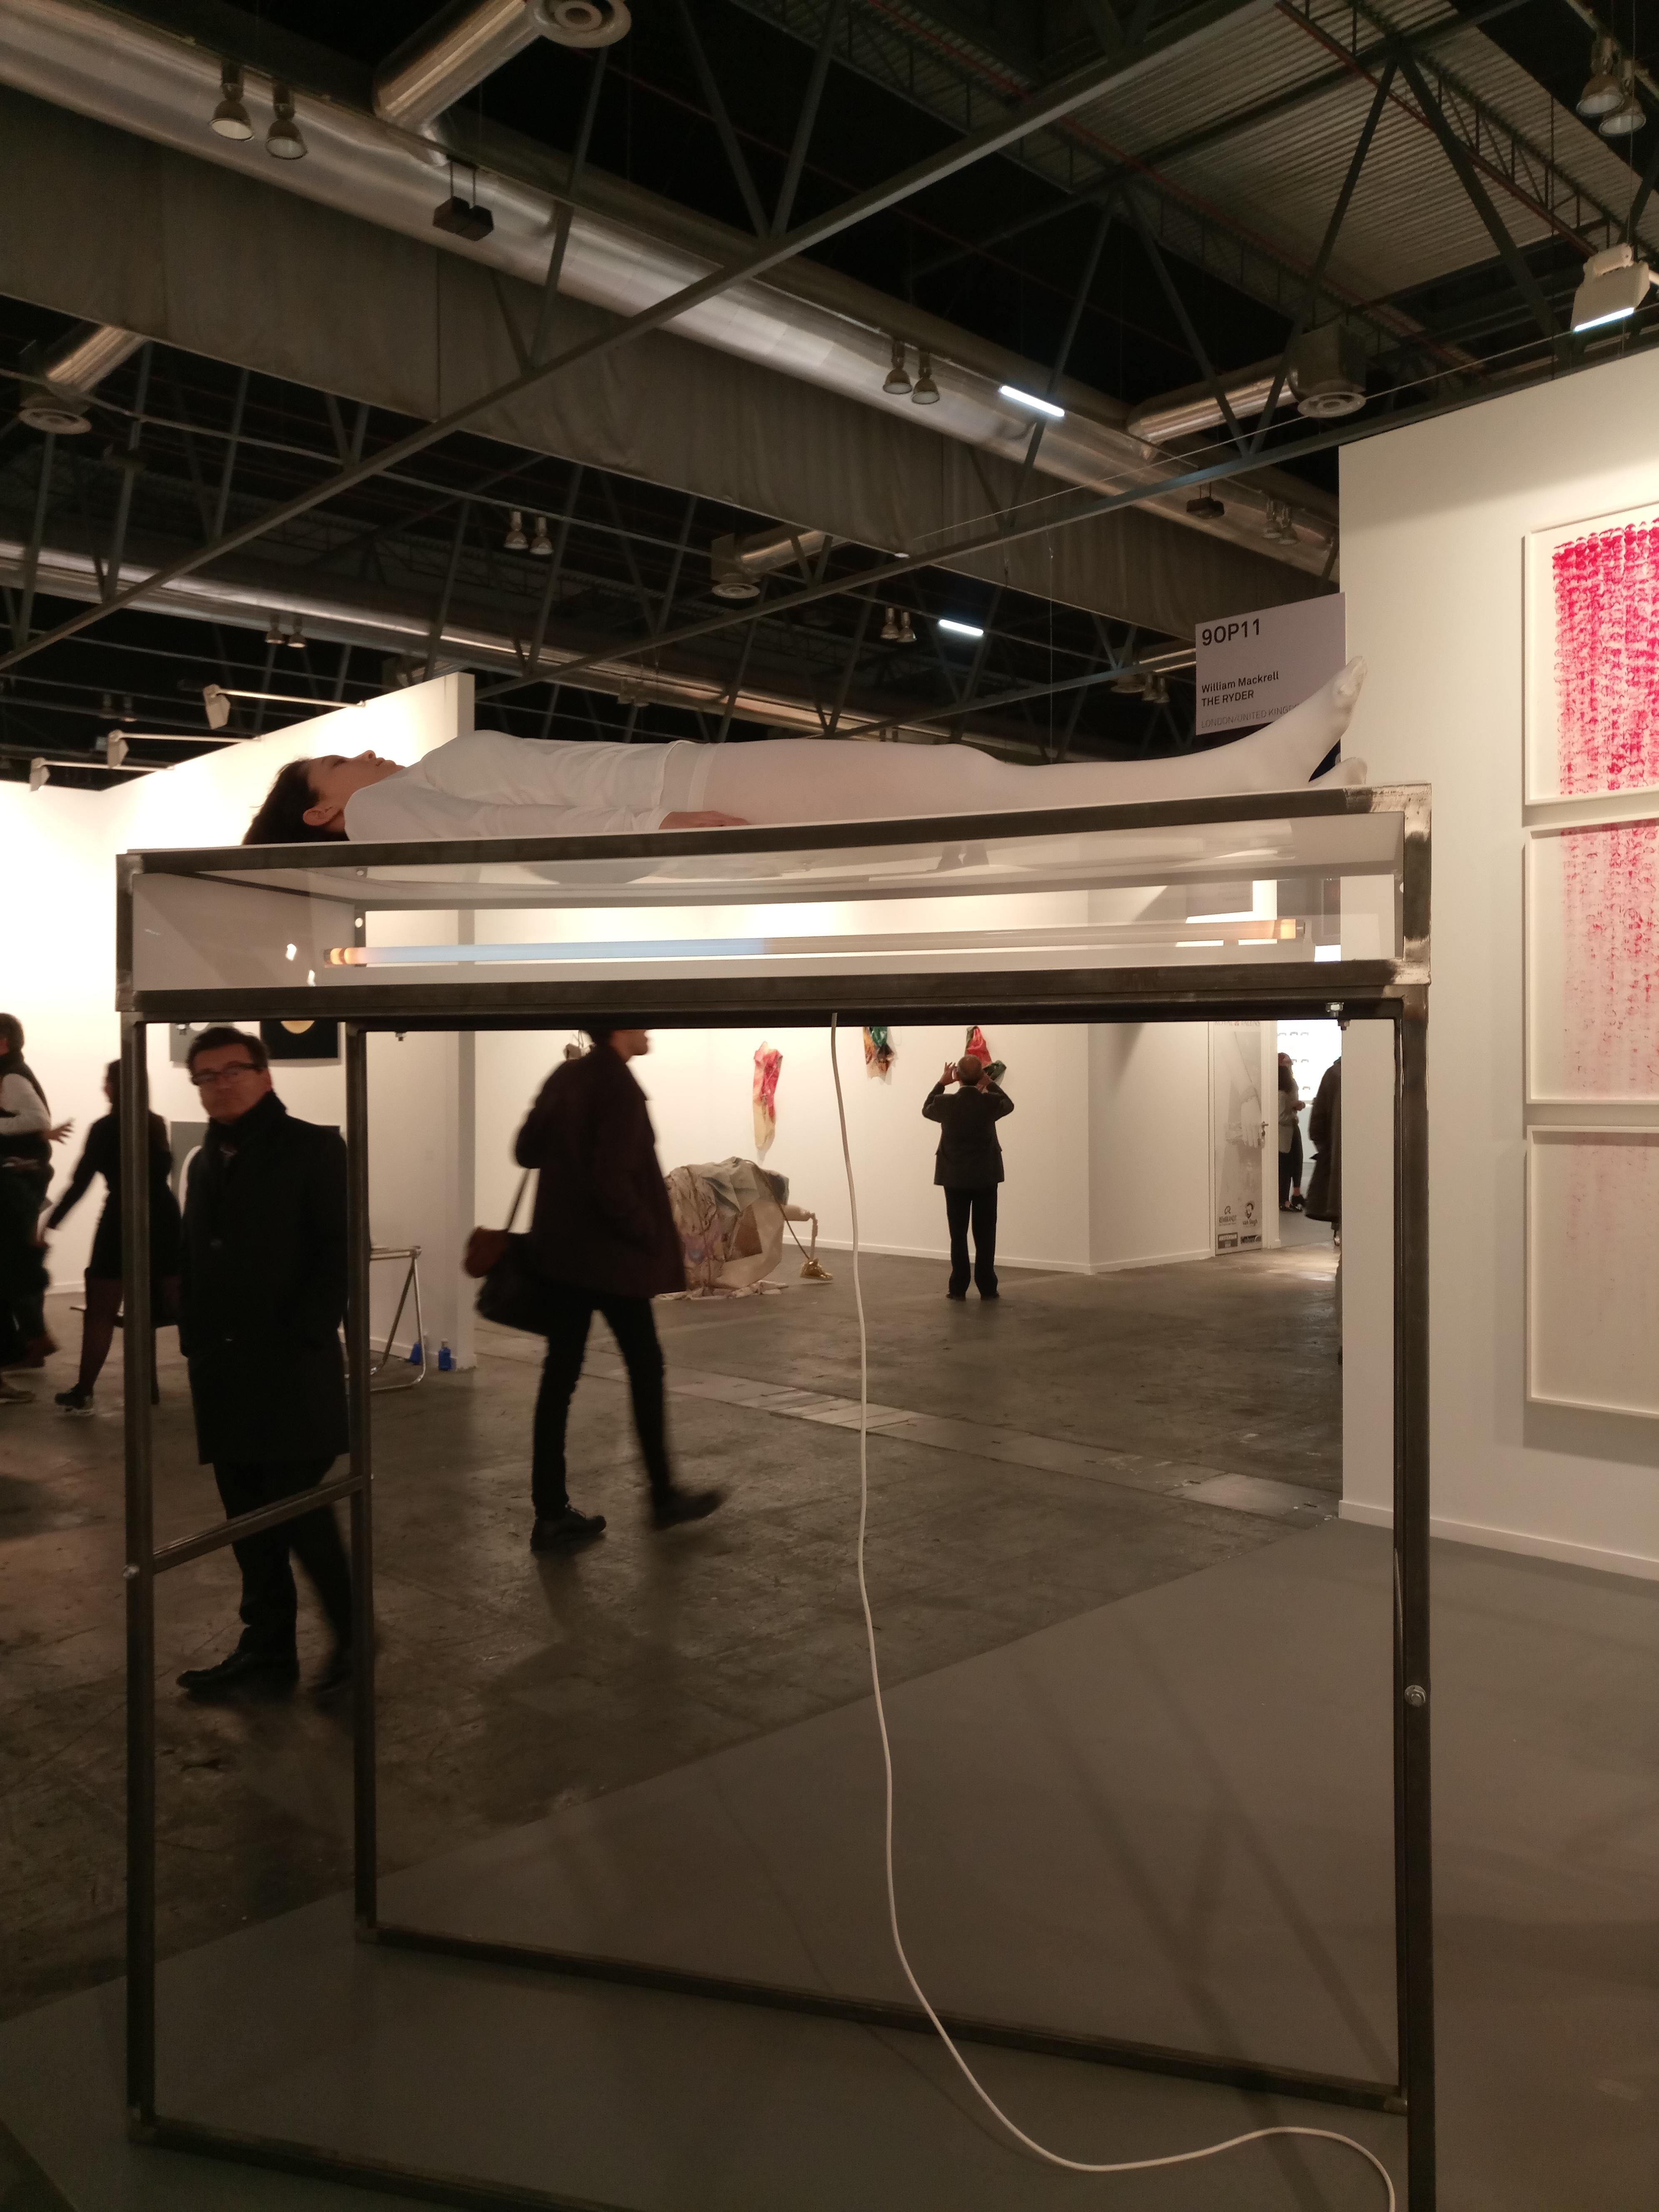 Arco 2018 - Nuestro resumen - The Art Market. Arte online, ventas ...